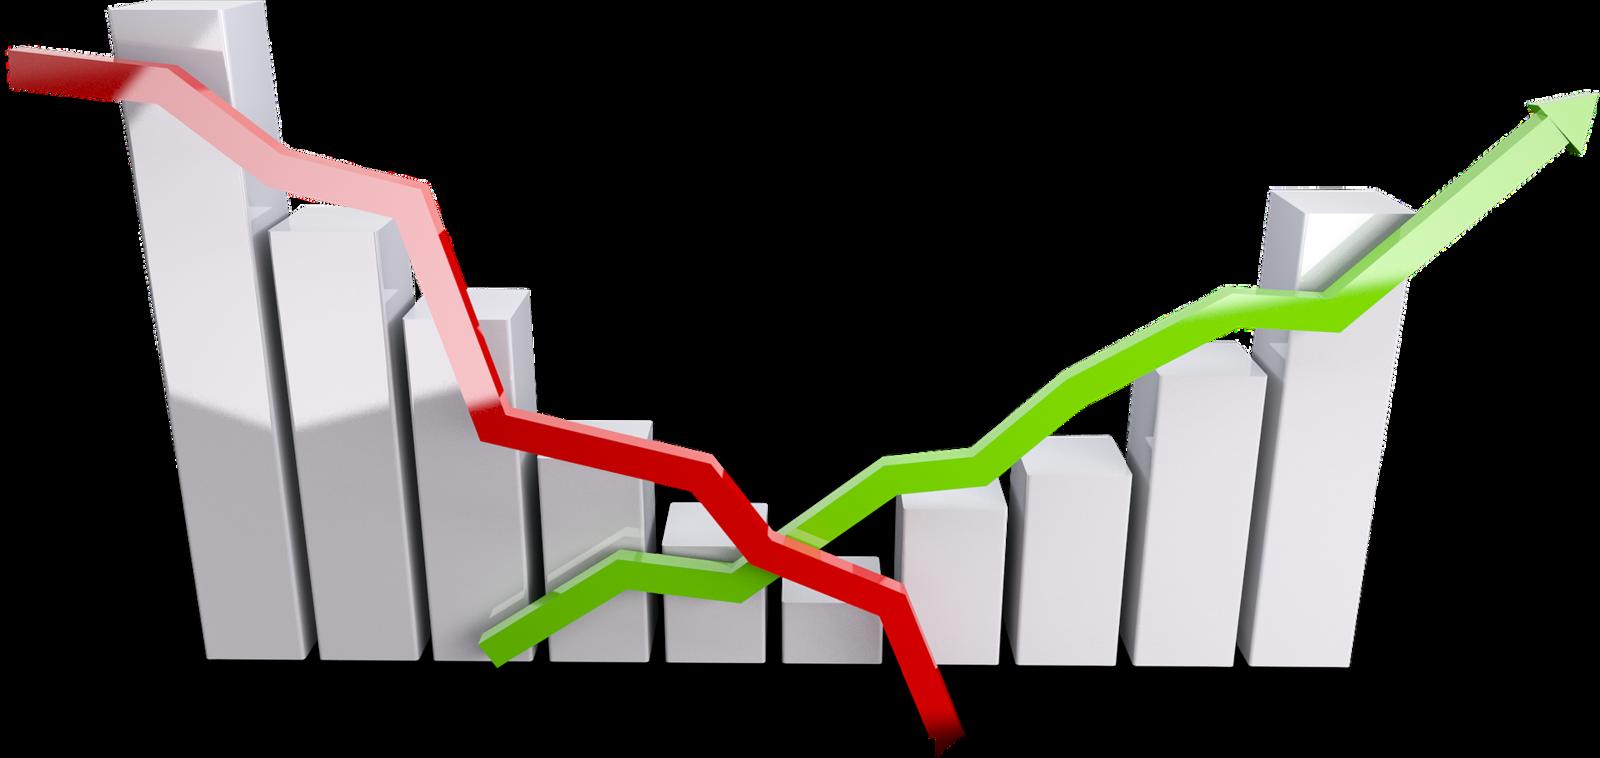 Nu ook negatieve spaarrente bij Rabobank en ING